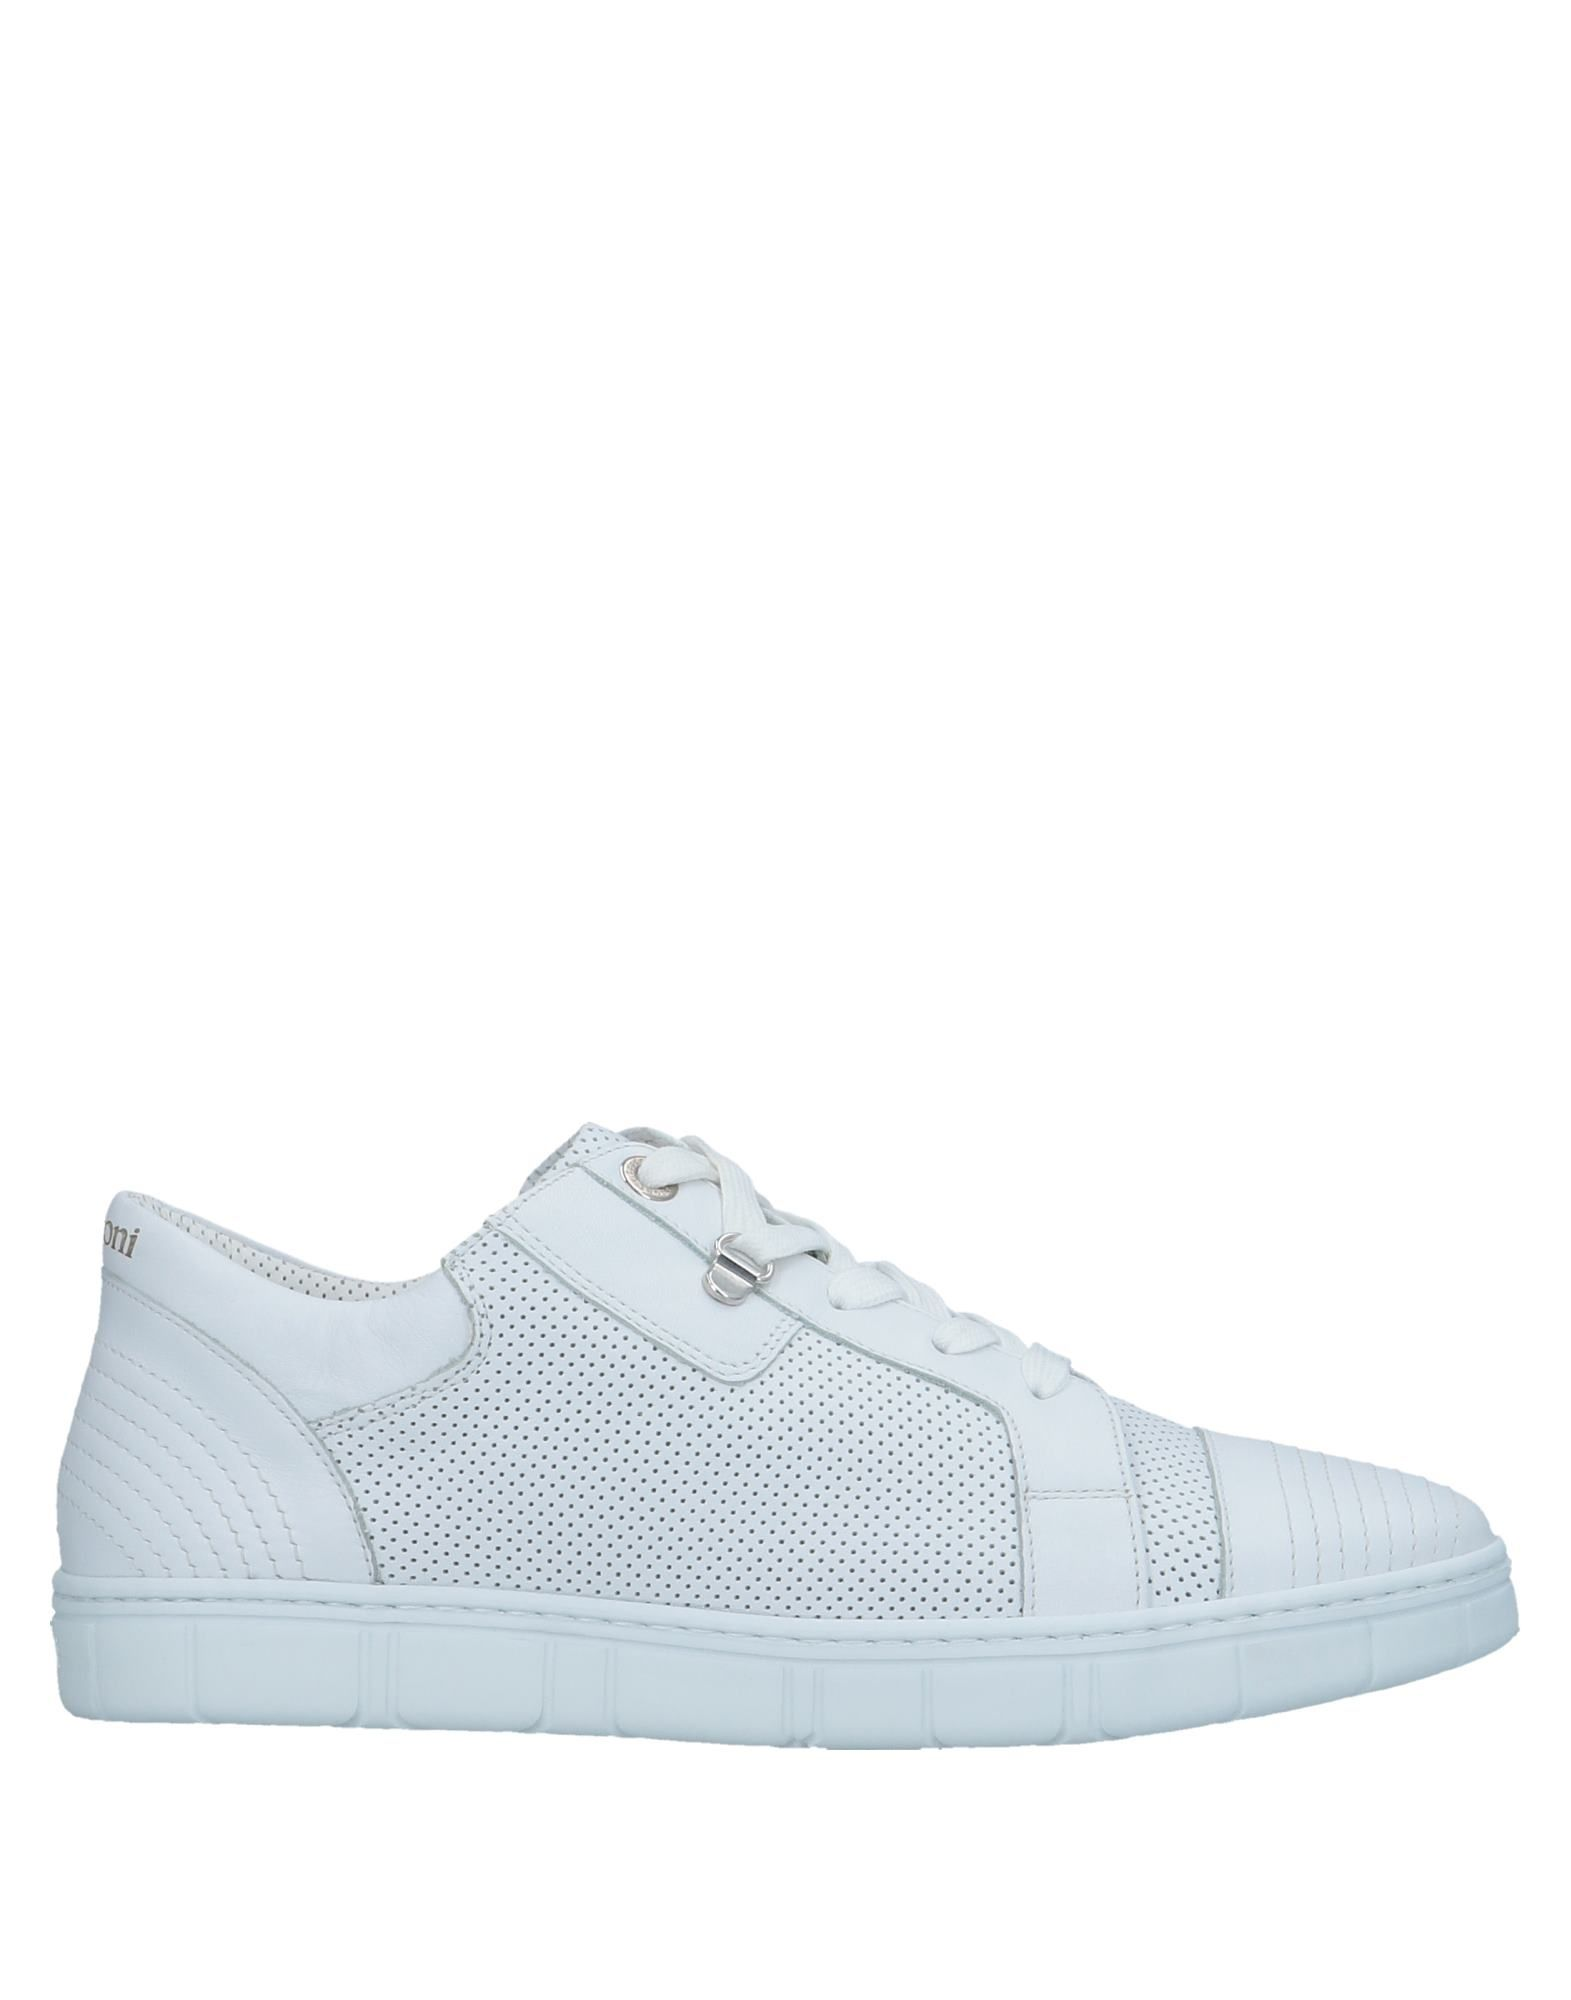 A.Testoni Sneakers Sneakers - Men A.Testoni Sneakers A.Testoni online on  Canada - 11542603KD 93e97c